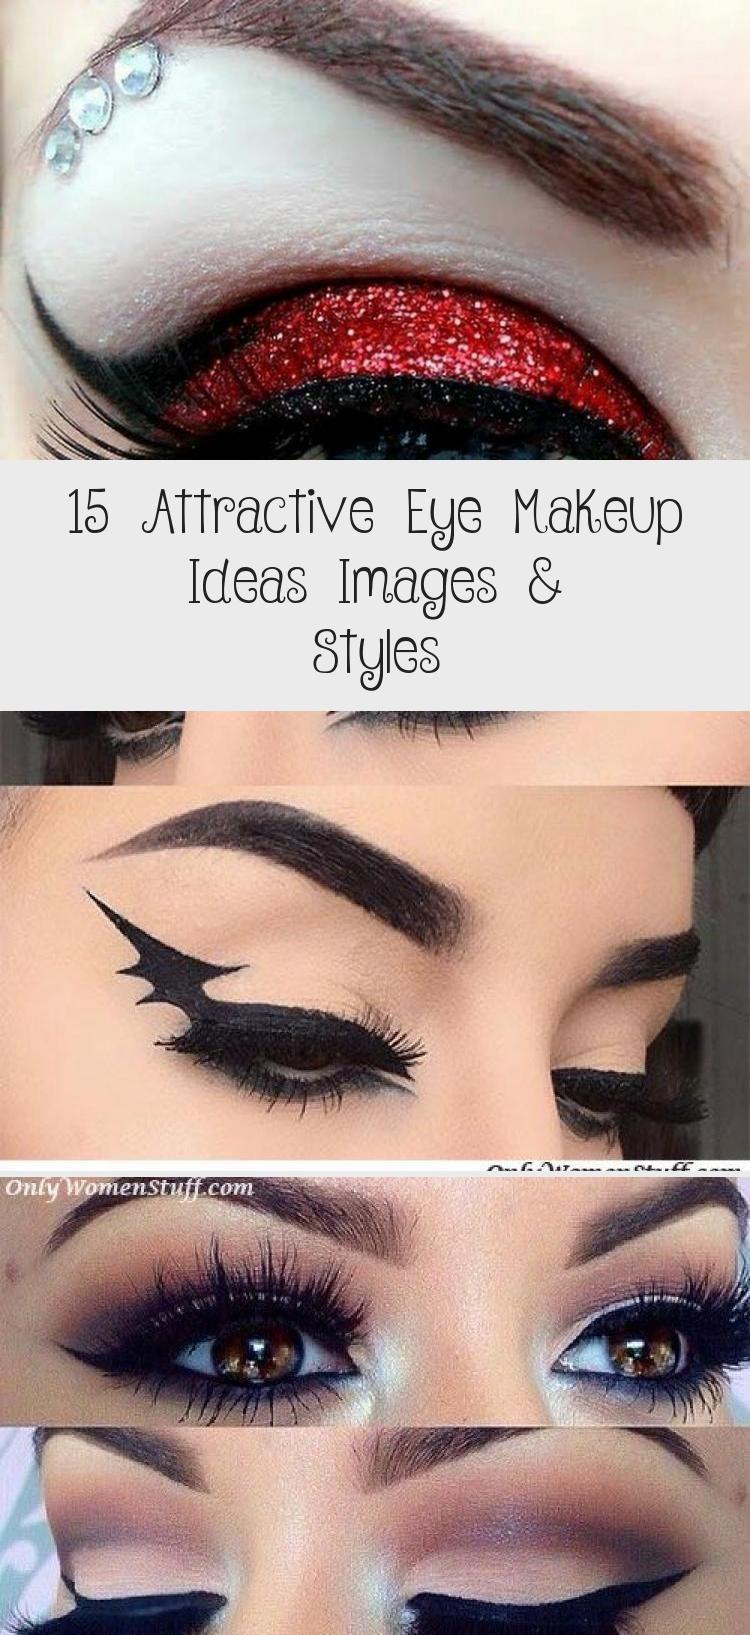 En Blog En Blog in 2020 Halo eye makeup, Eye makeup